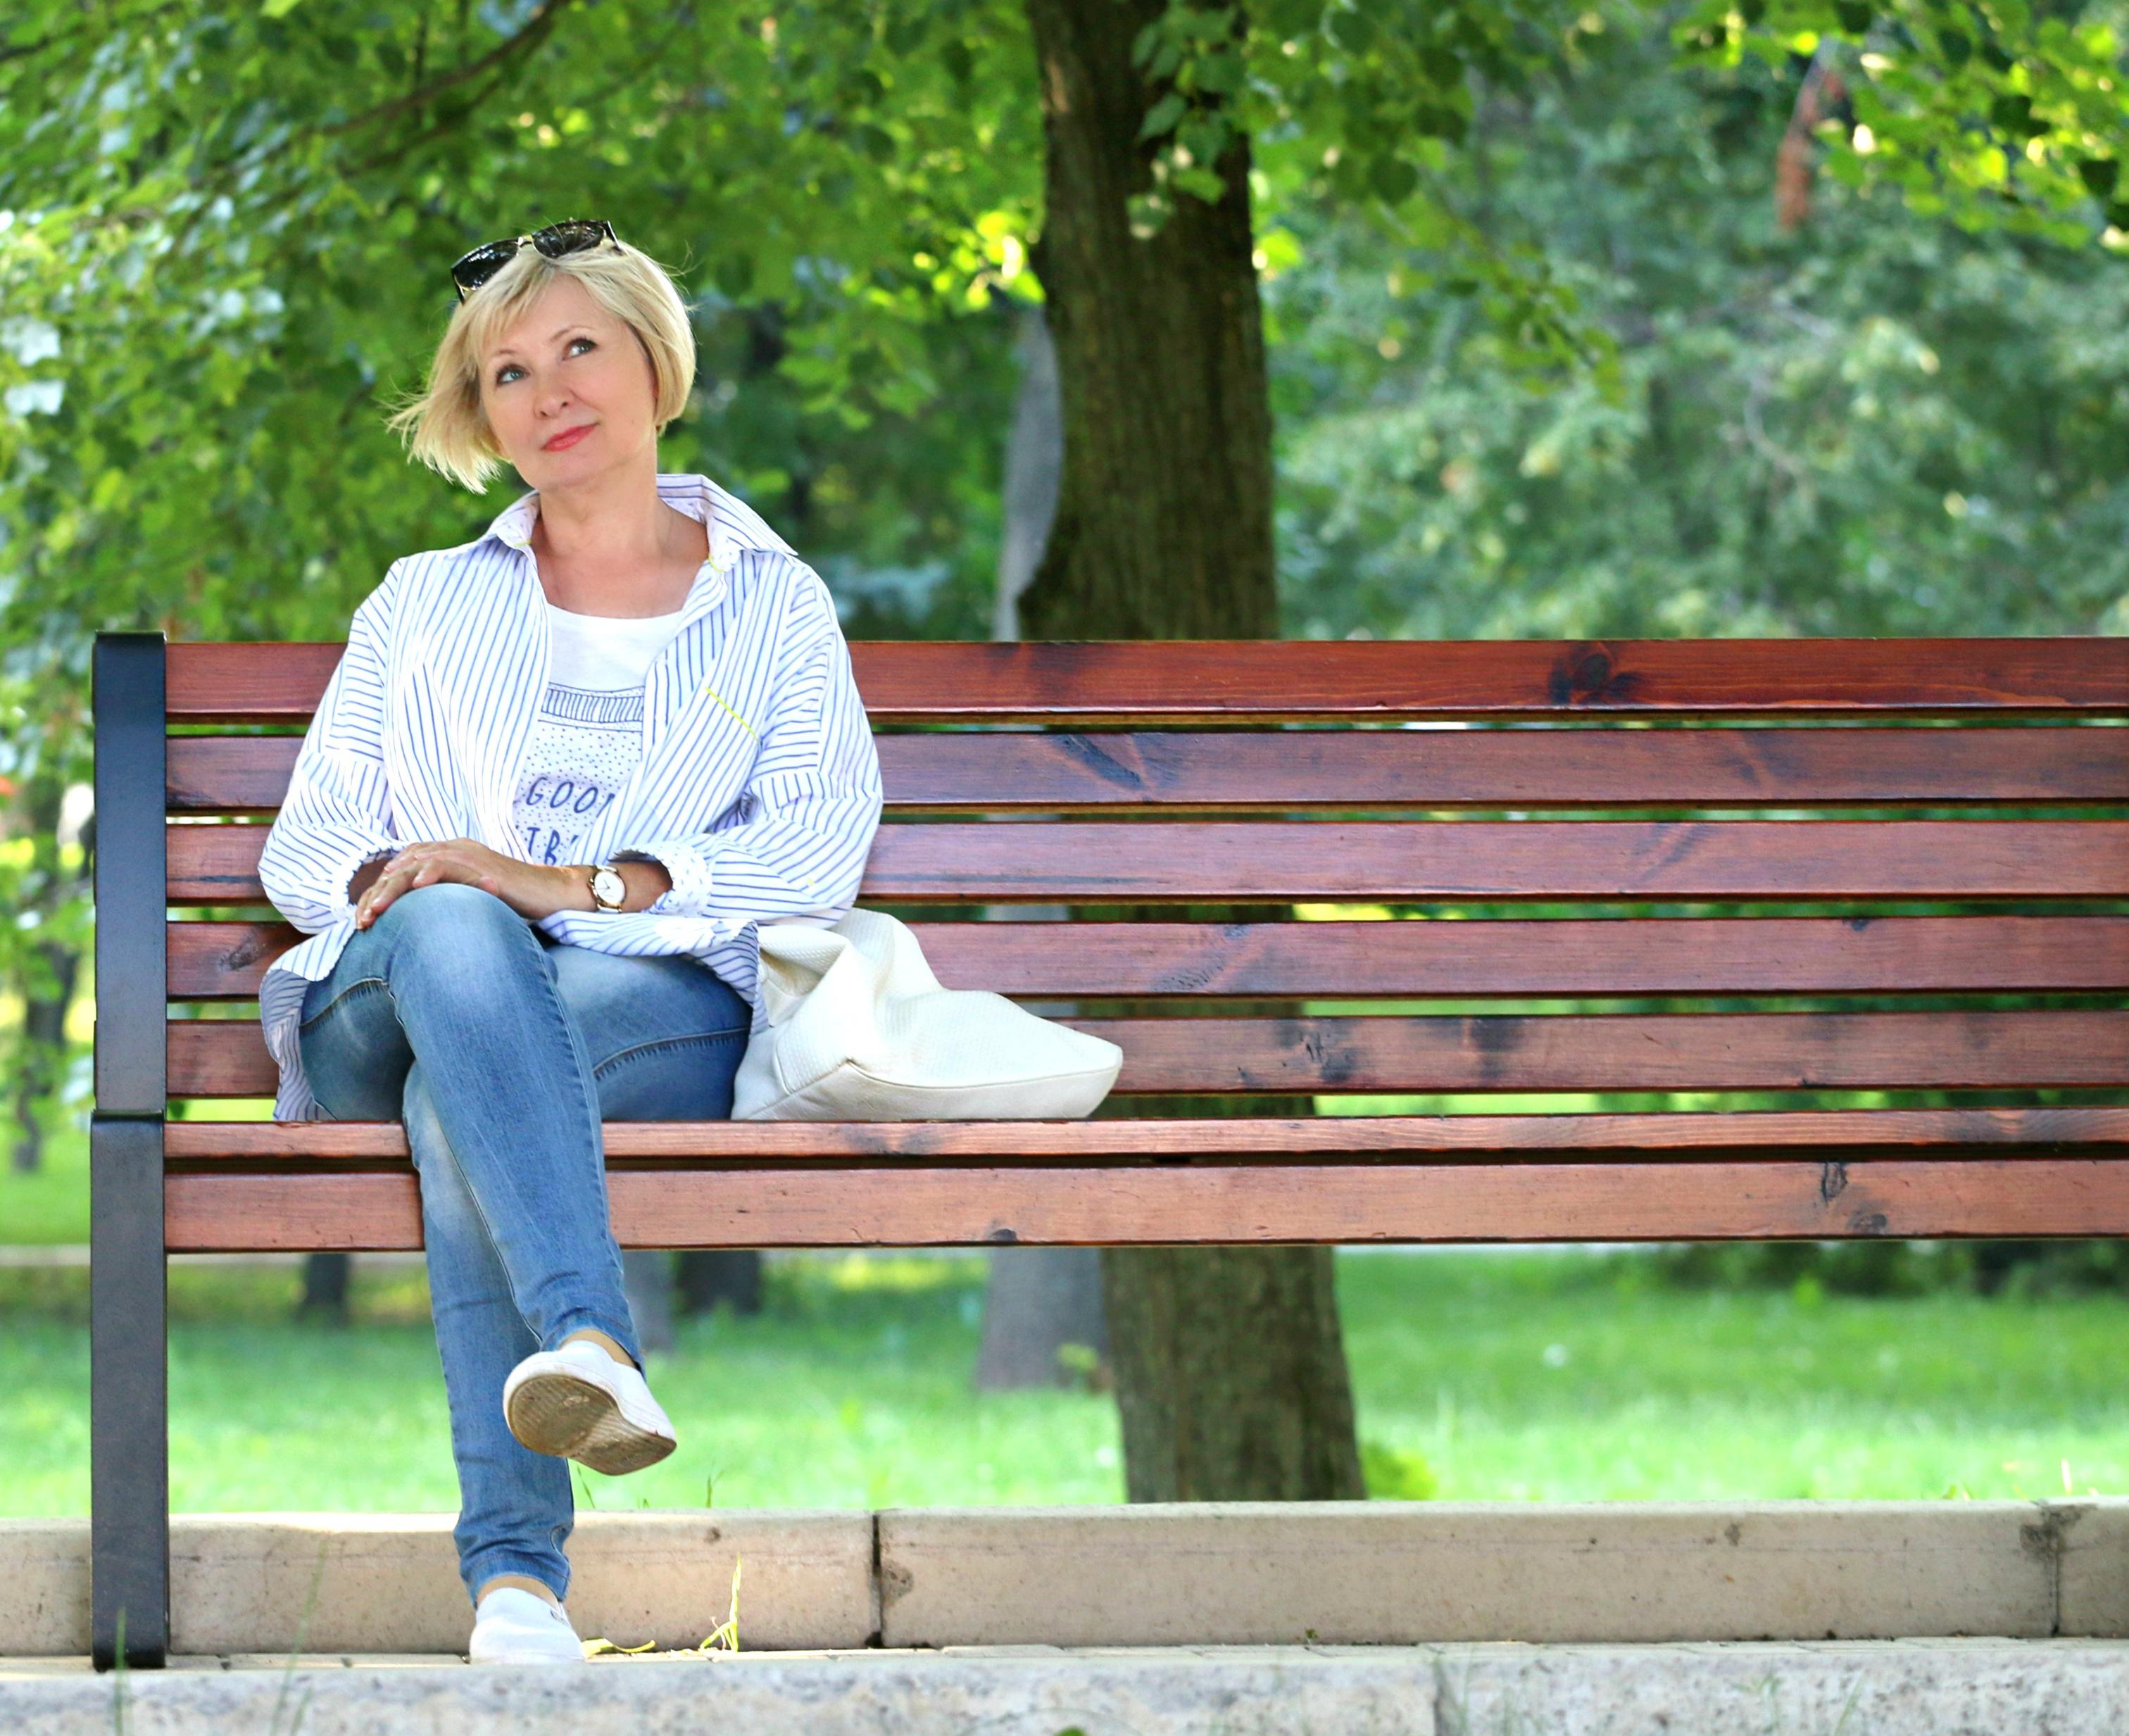 Frau auf Parkbank nachdenklich